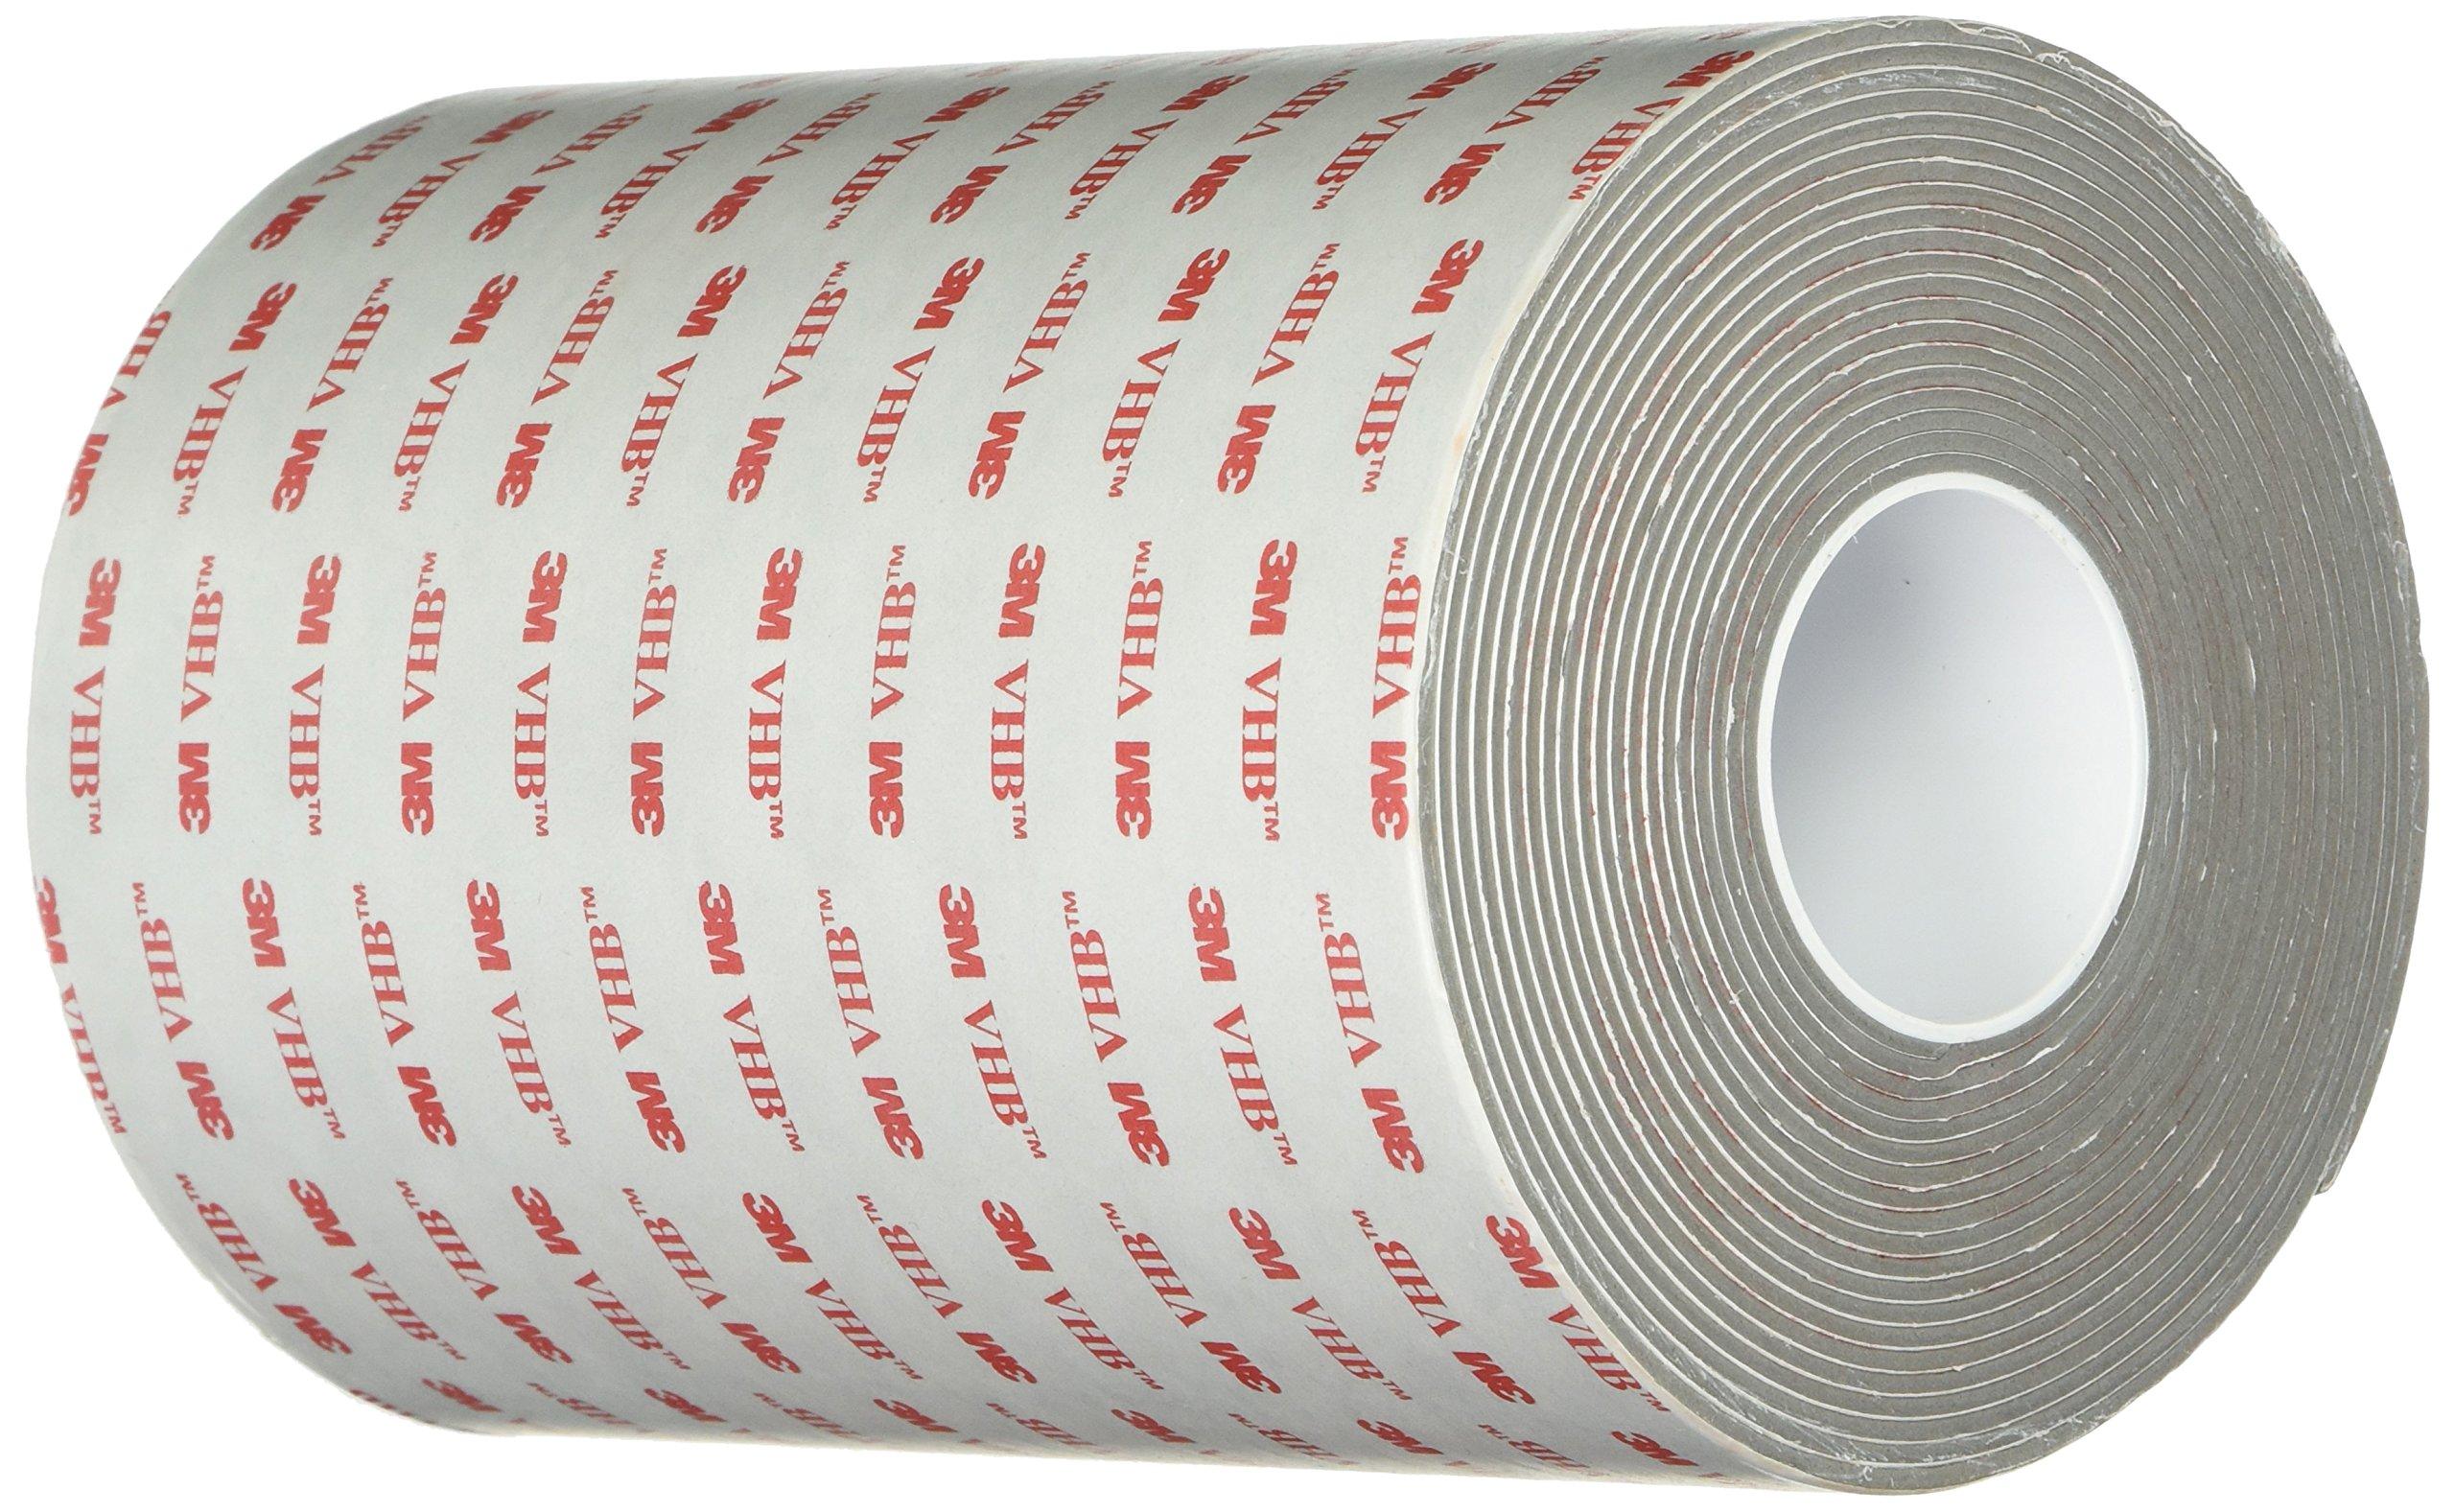 3M VHB Tape RP62 6 in width x 5 yd length